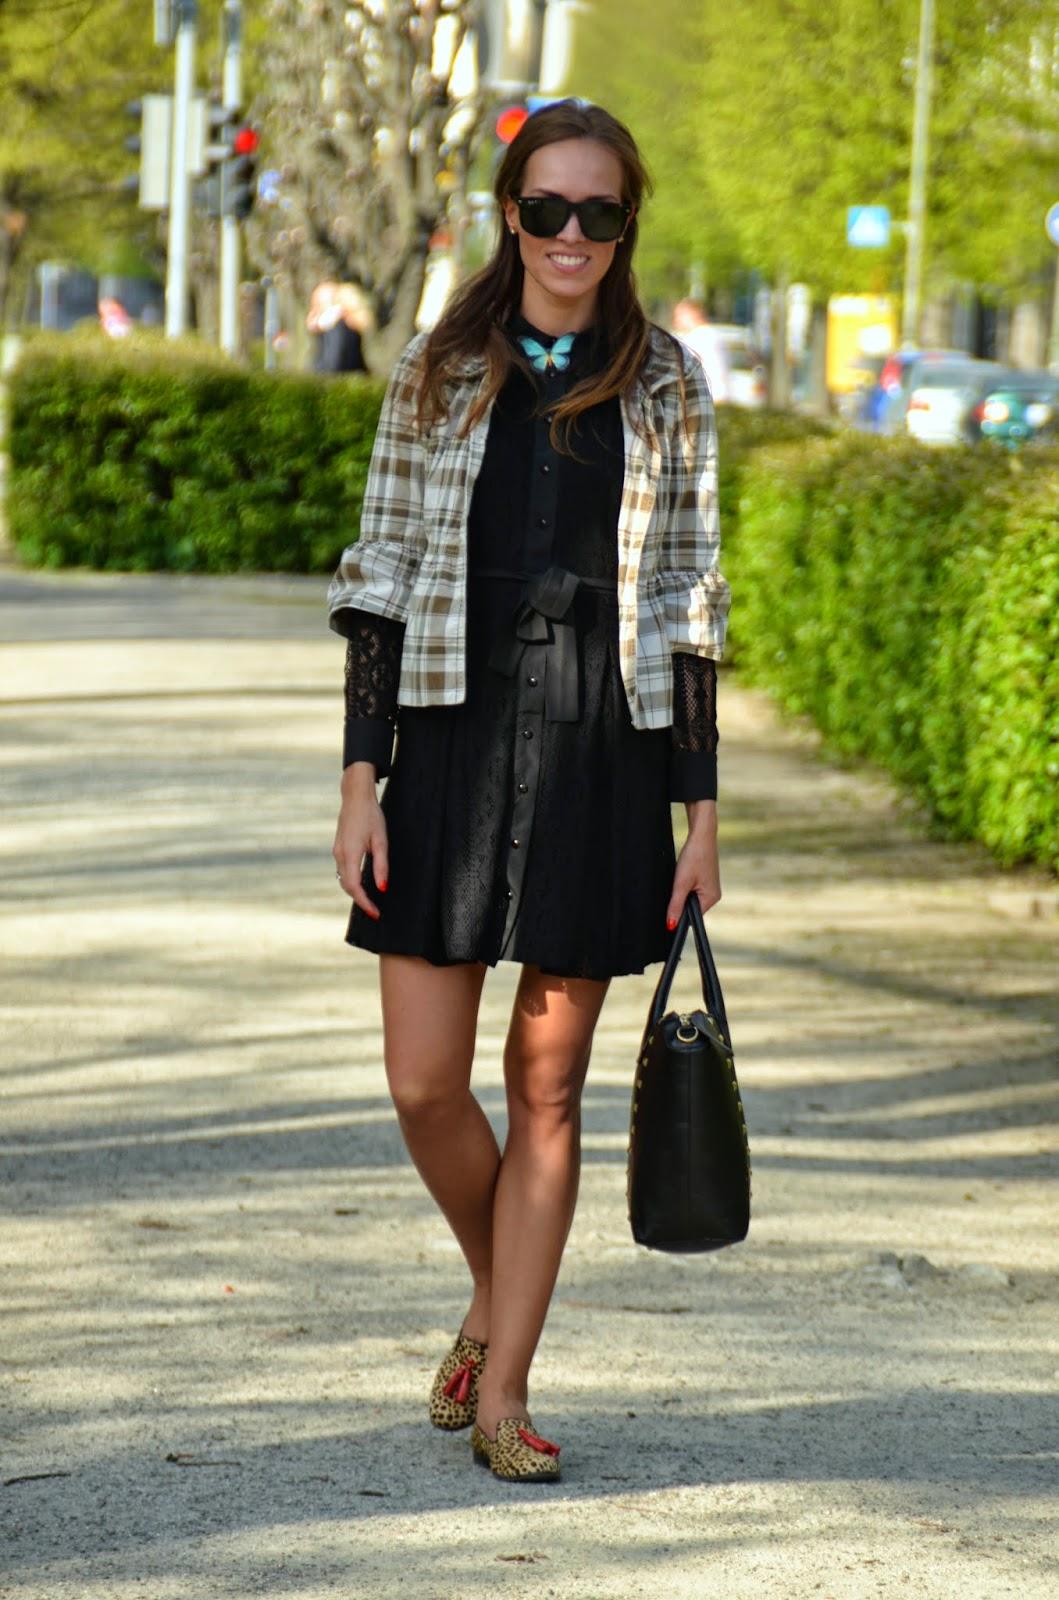 black tallinn dolls lace dress butterfly brooch peplum jacket